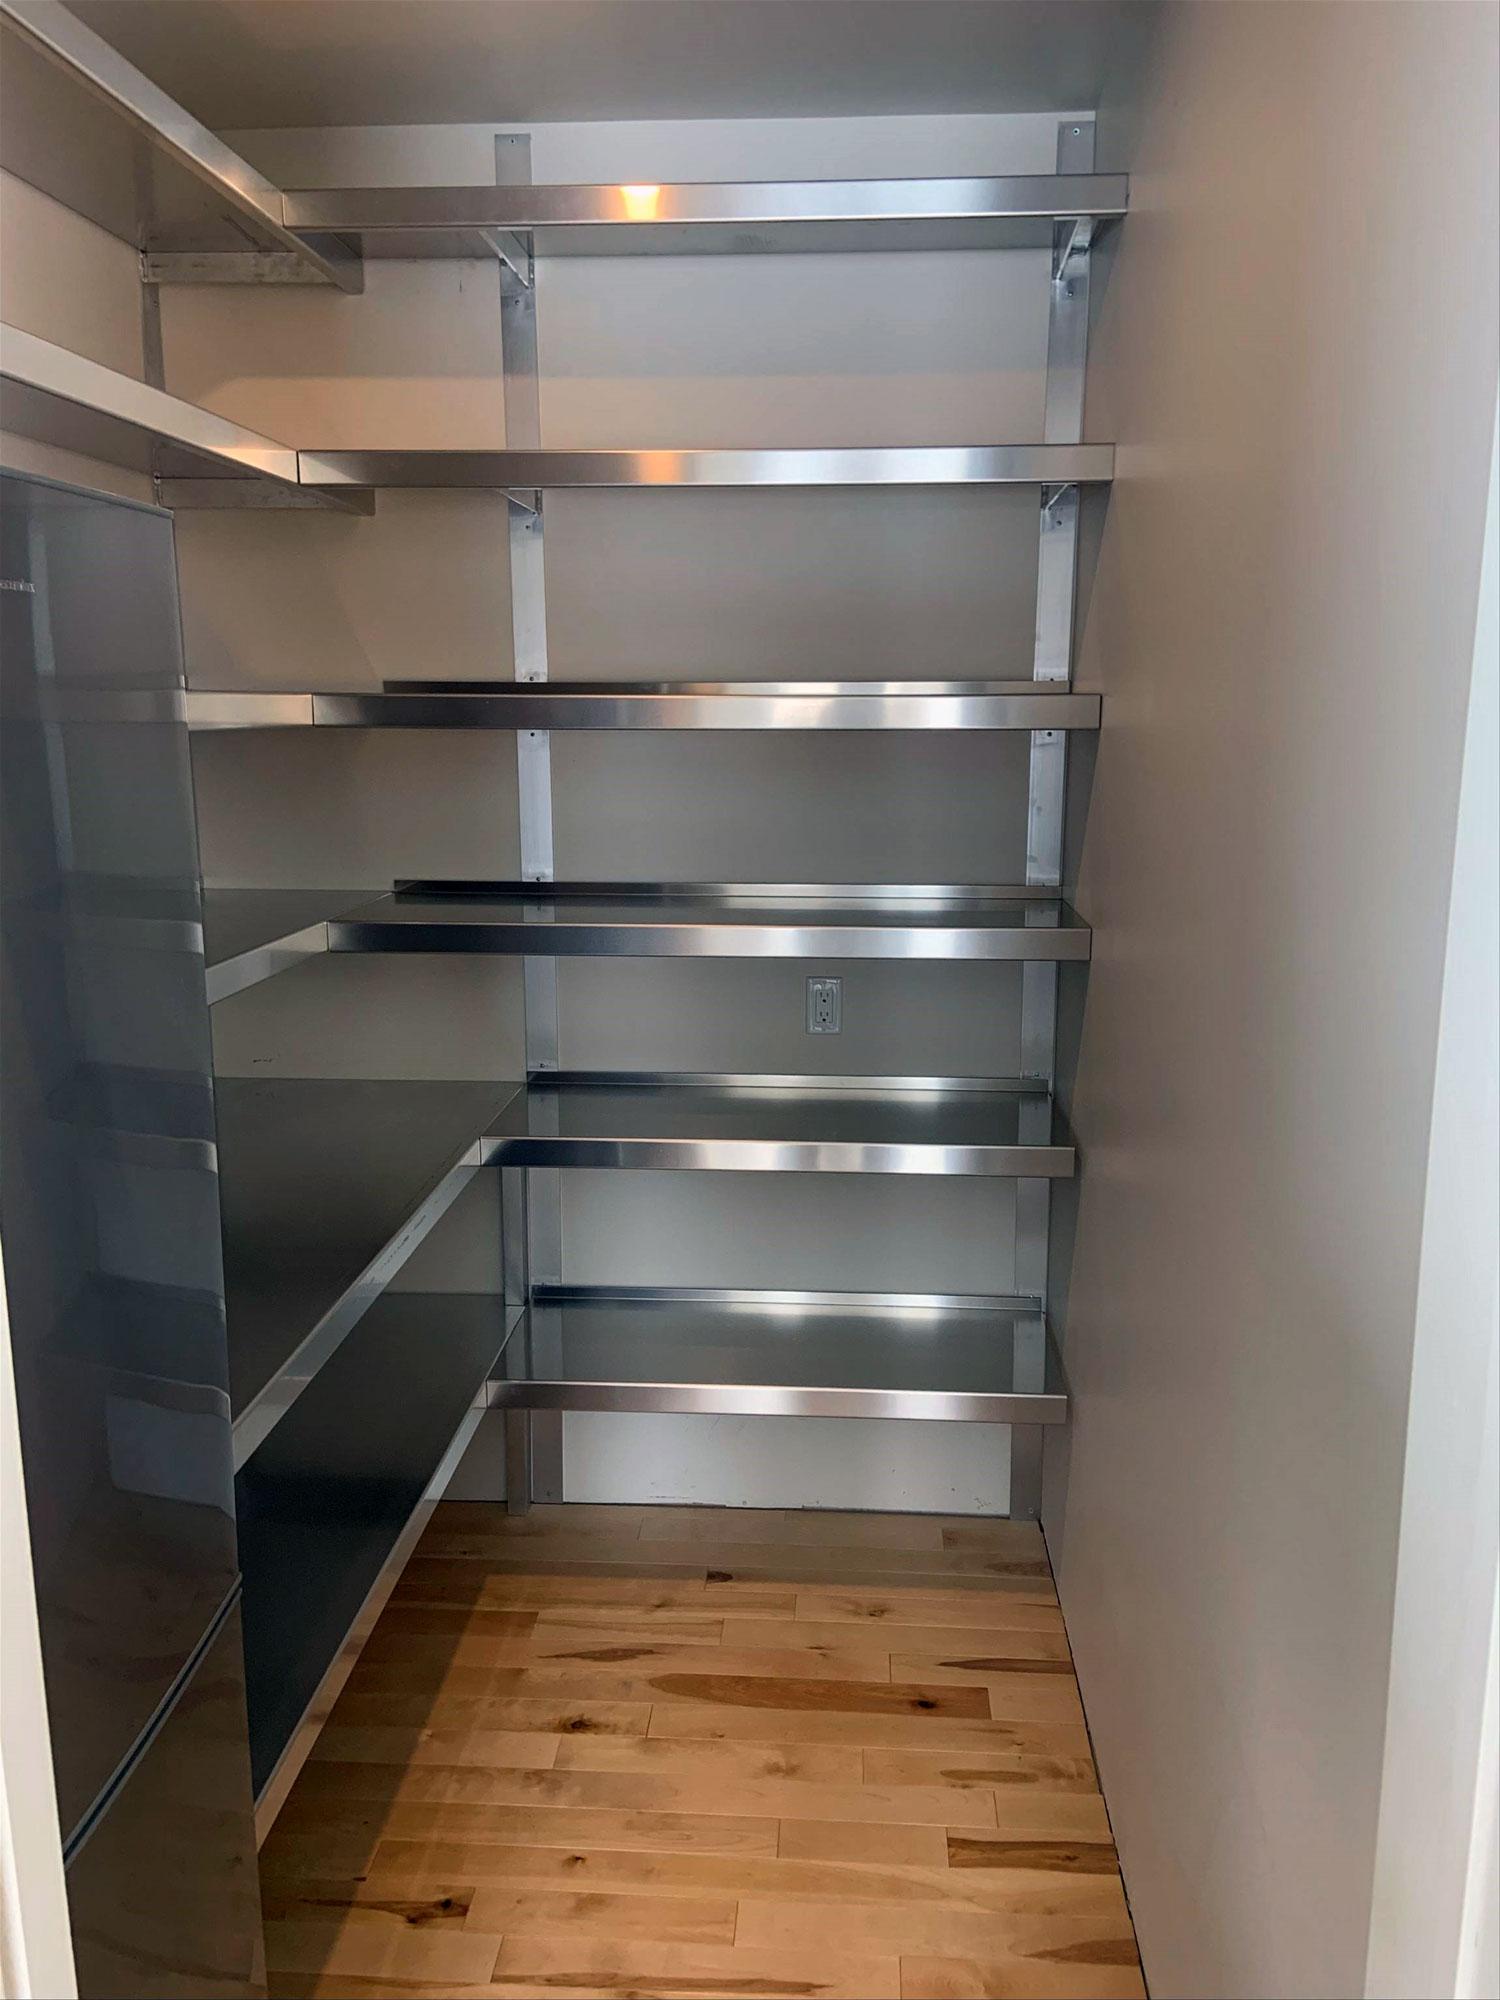 Système de rangement en aluminium | Boutique ABM | Livrer. Toujours.